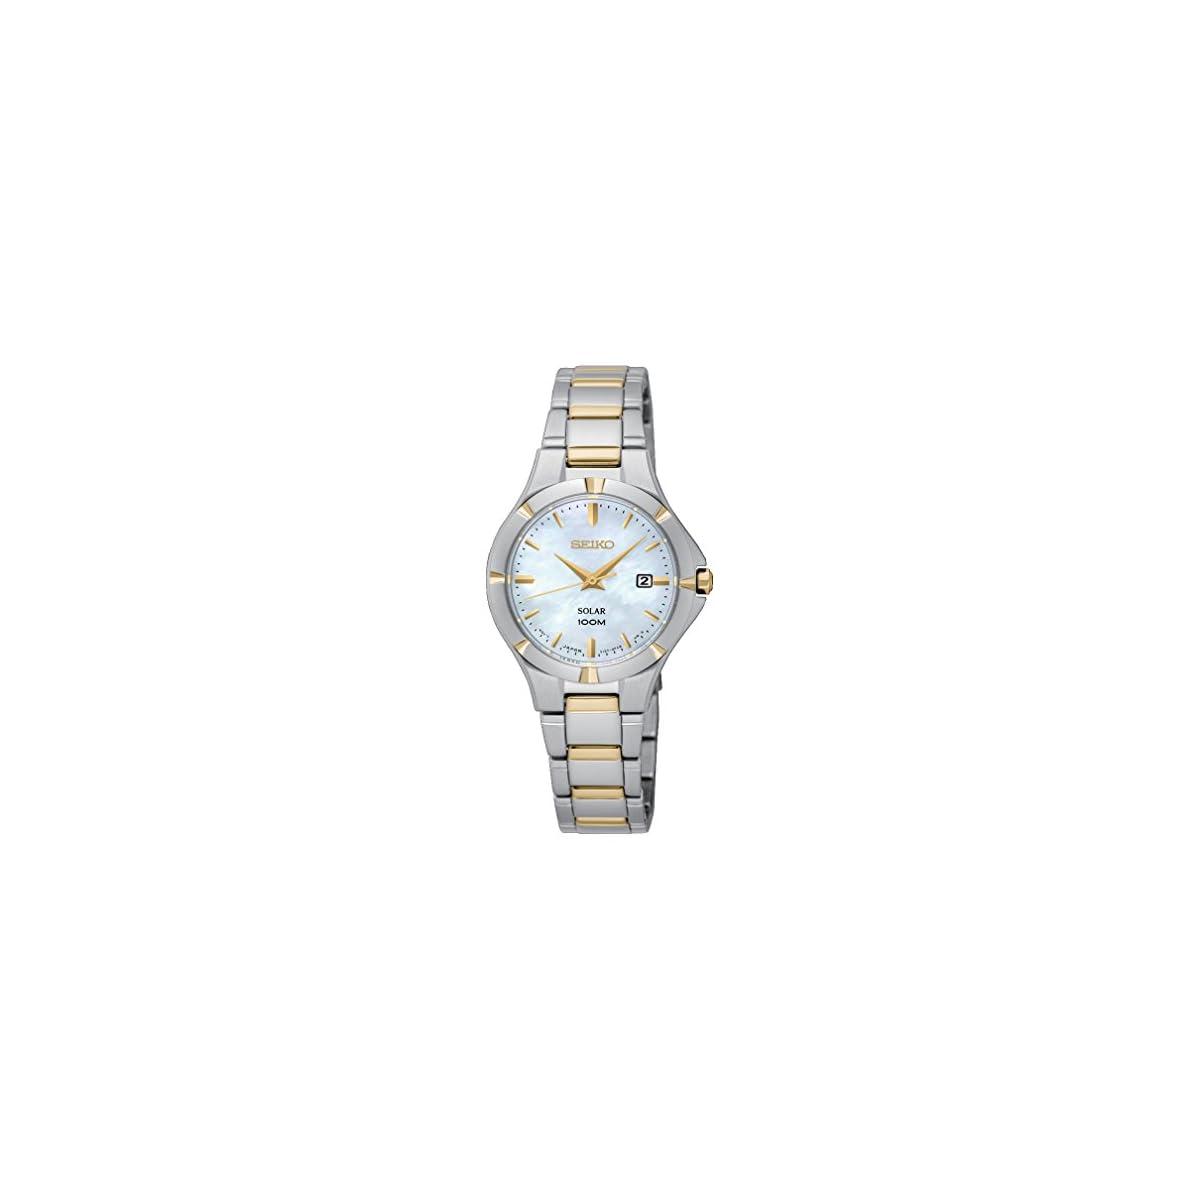 41xUiq6JZfL. SS1200  - Seiko Reloj Analogico para Mujer de Energía Solar con Correa en Acero Inoxidable SUT294P1